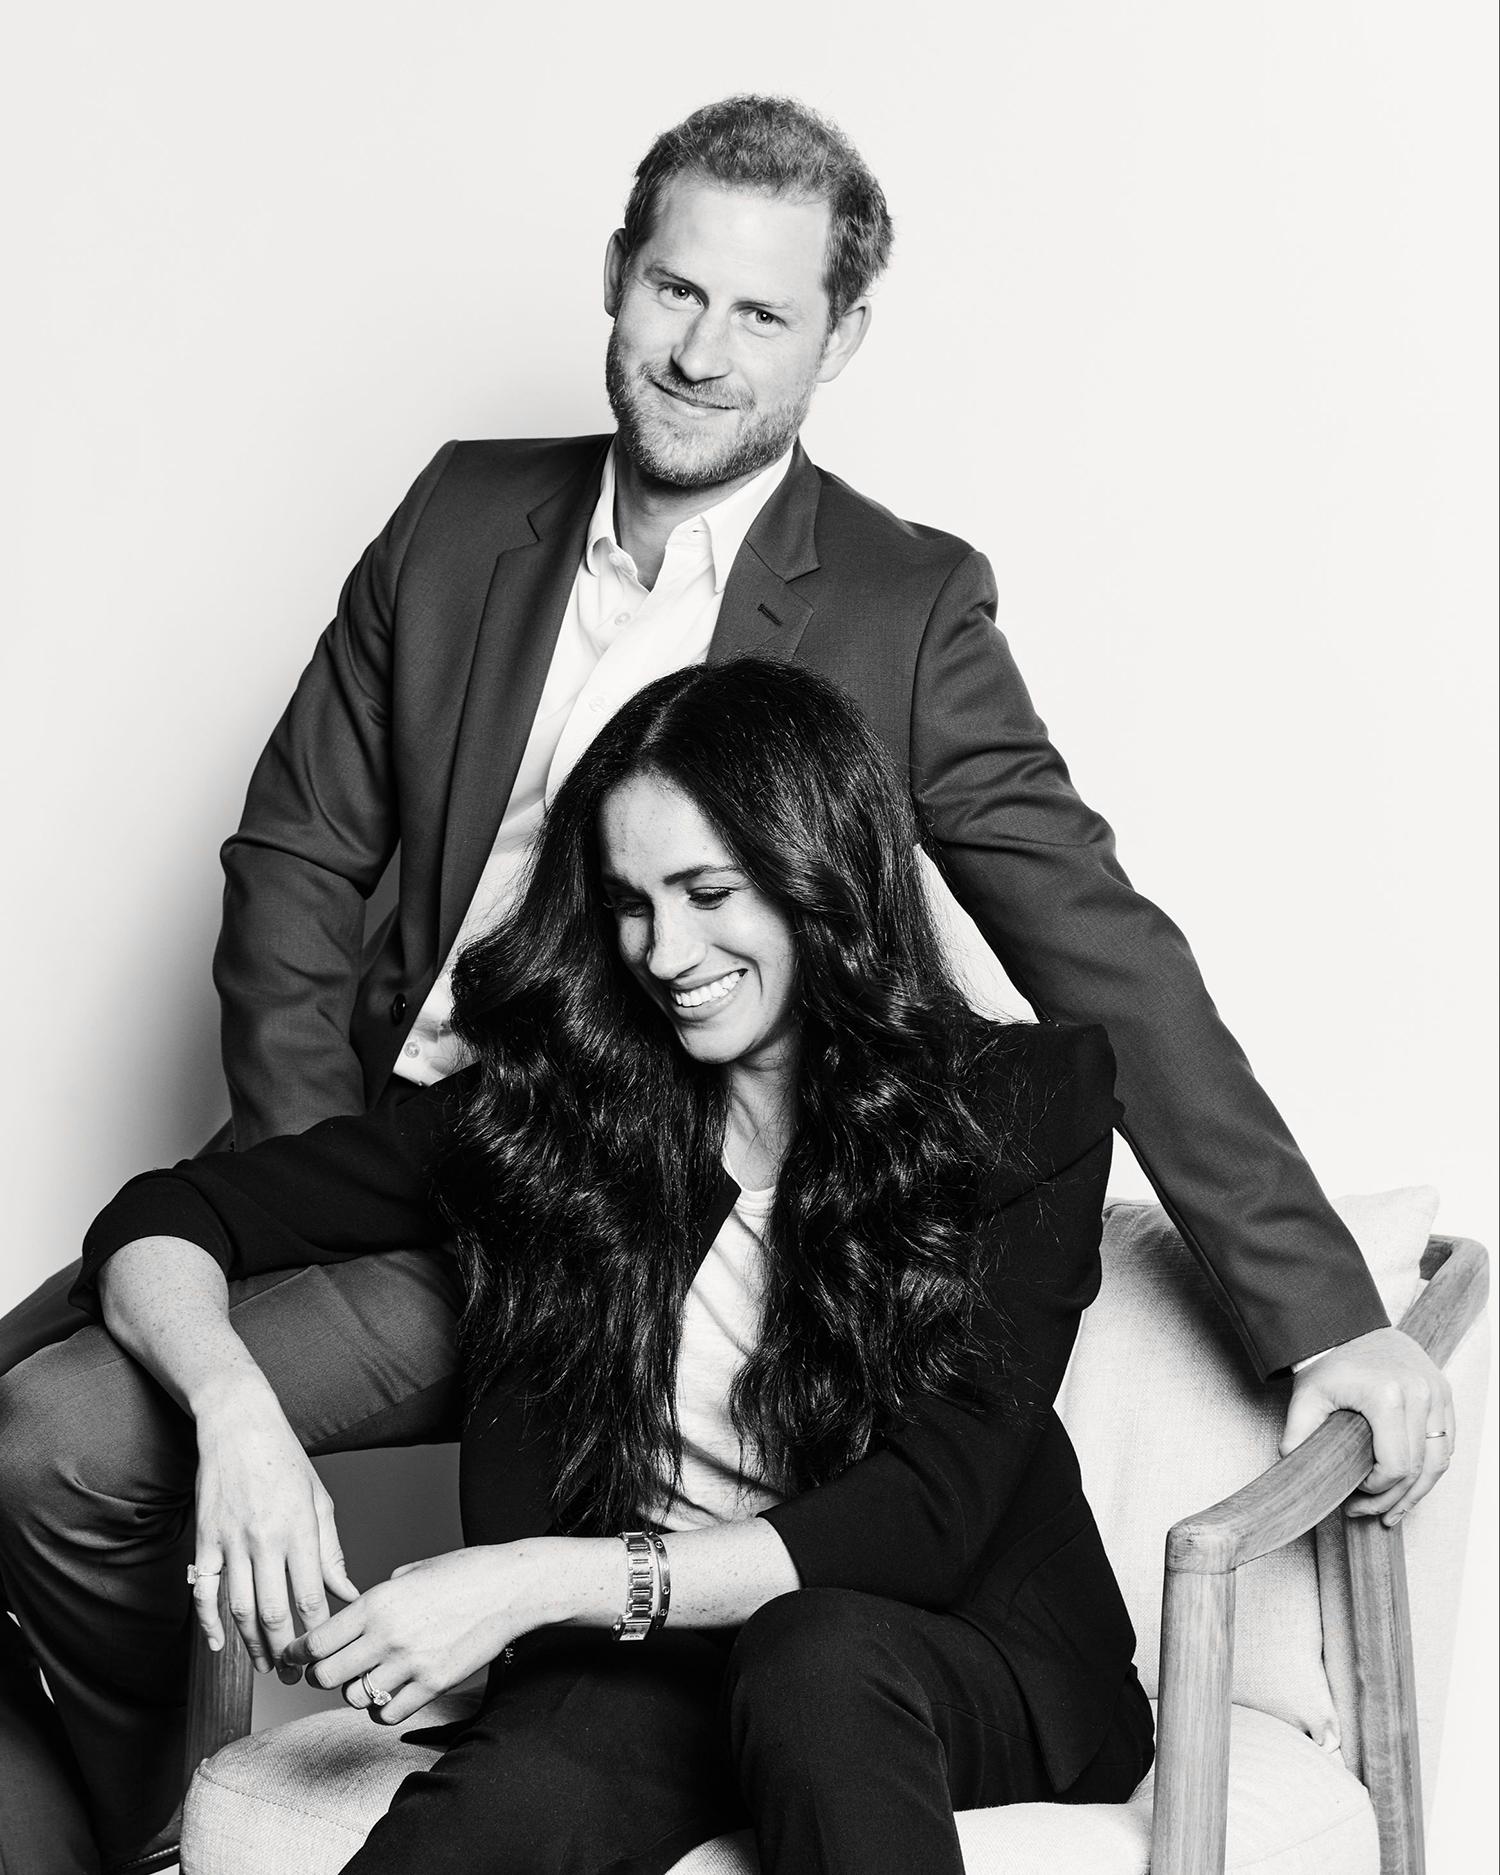 Новая инклюзивная фотосессия Меган Маркл и принца Гарри - MainStyles.ru